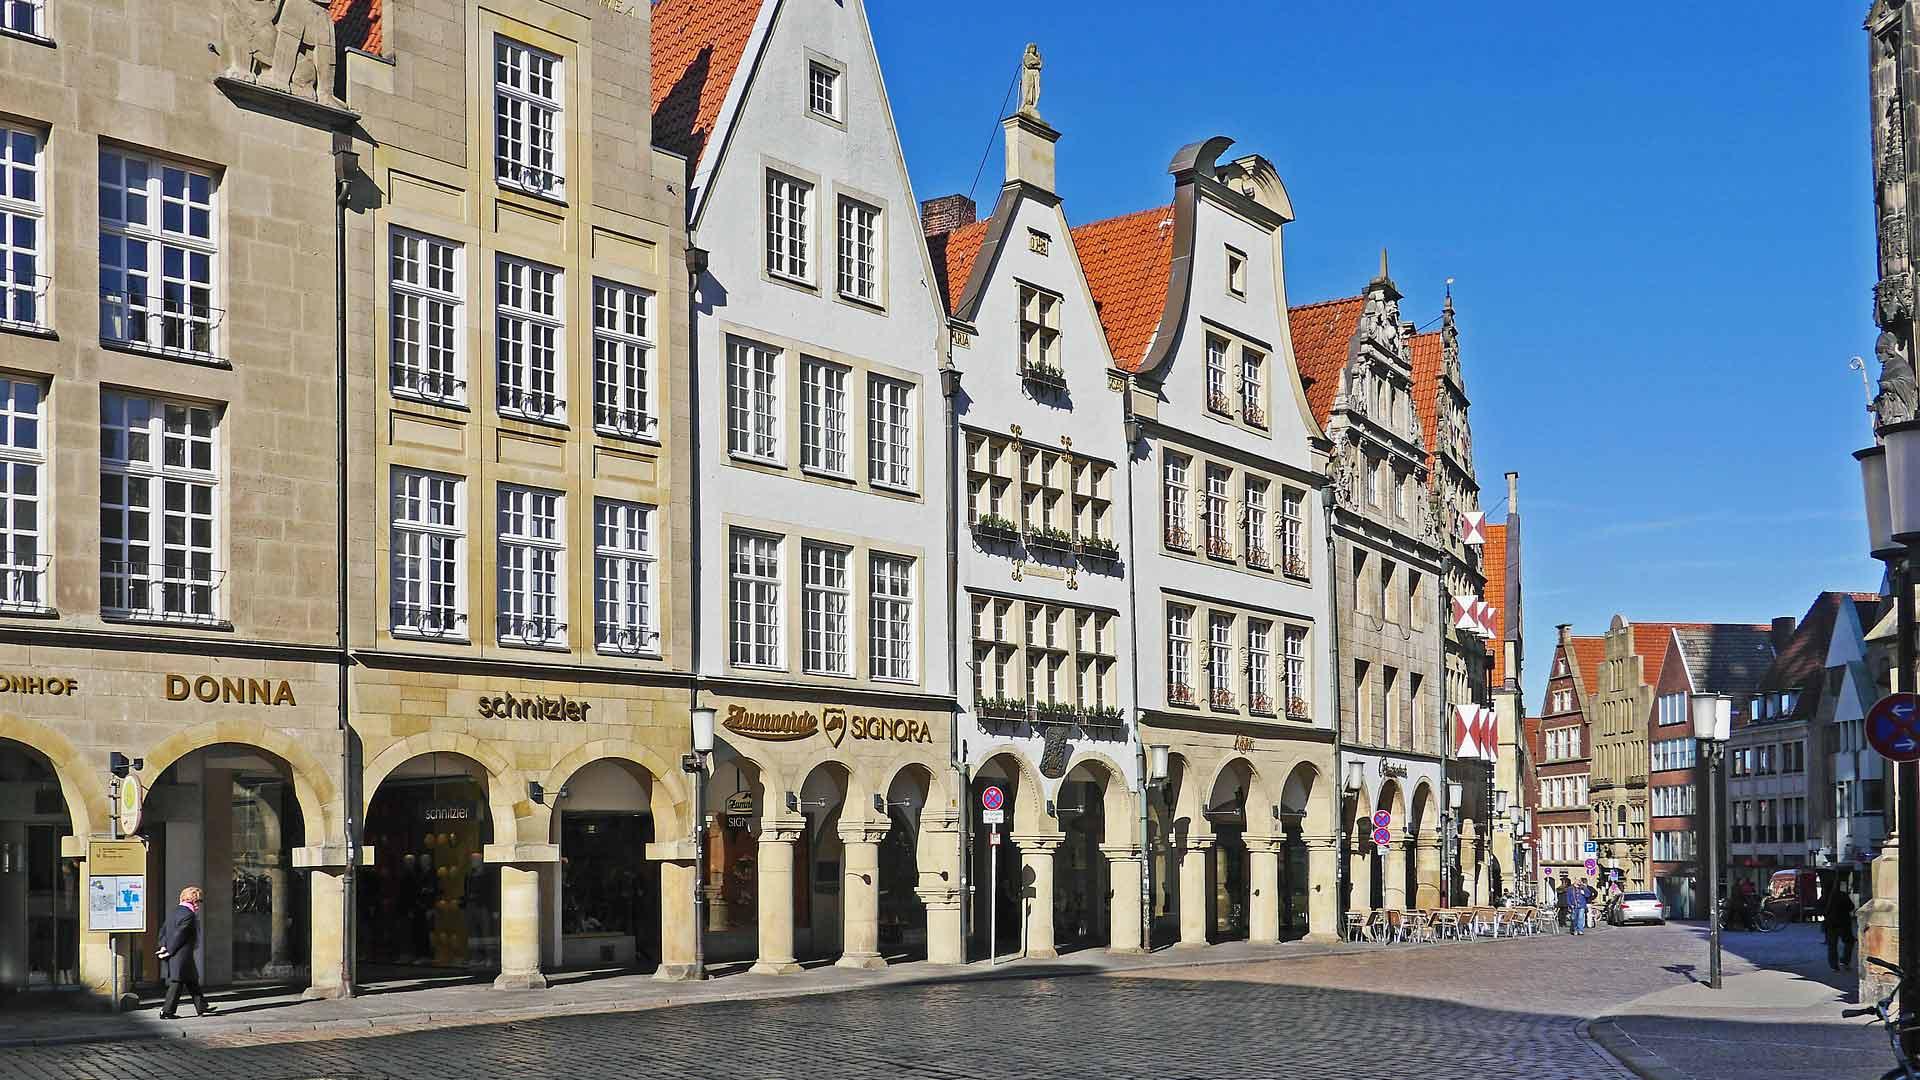 Onder de bogen van de Prinzipalmarkt in Münster zijn chique winkels gevestigd.